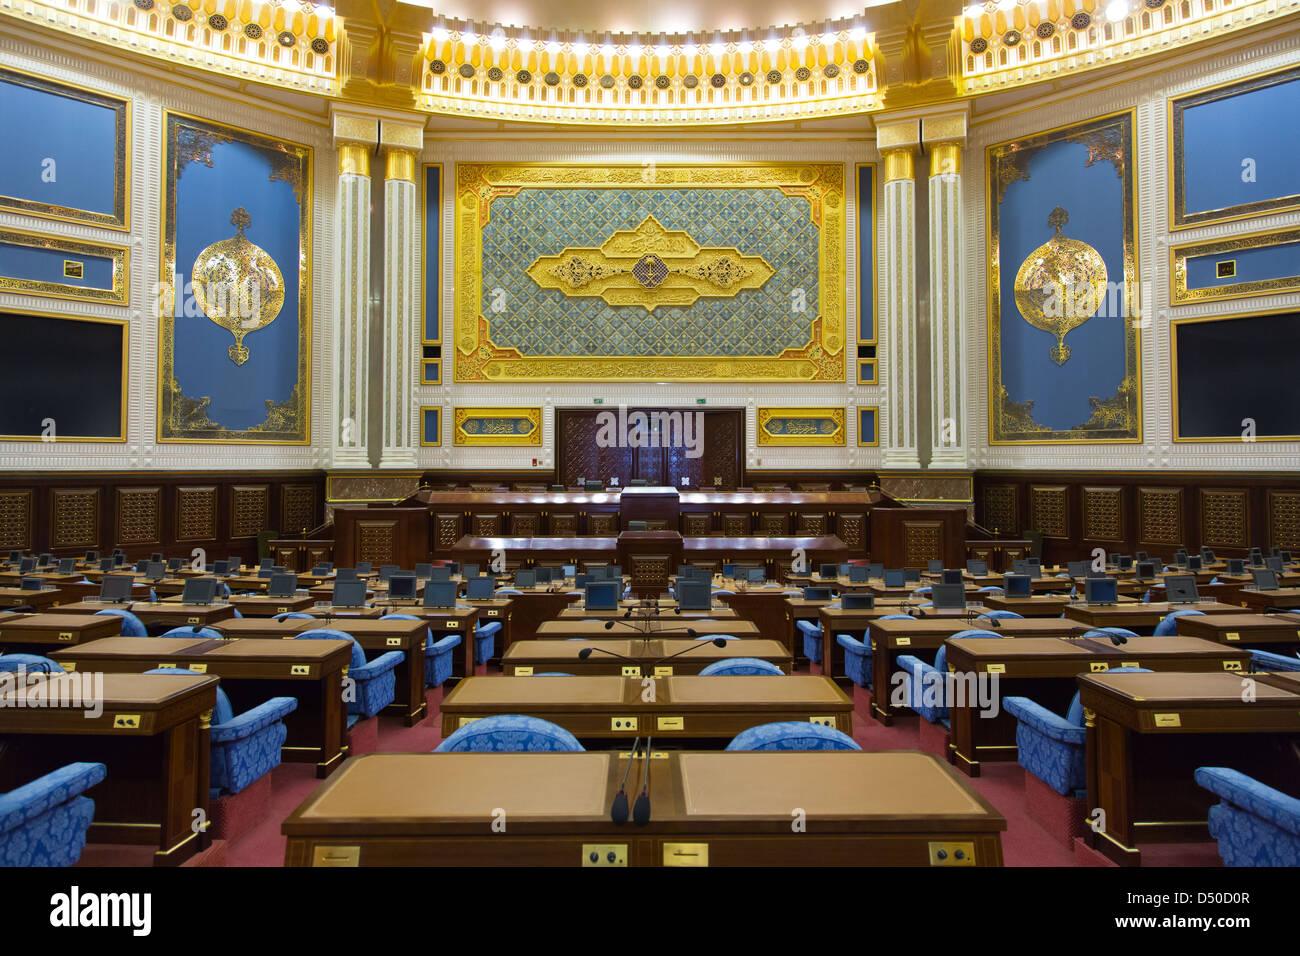 La cámara de parlamento ceremonial Rhiyhd, Arabia Saudita utilizada por la Asamblea Consultiva de Arabia Saudita Imagen De Stock